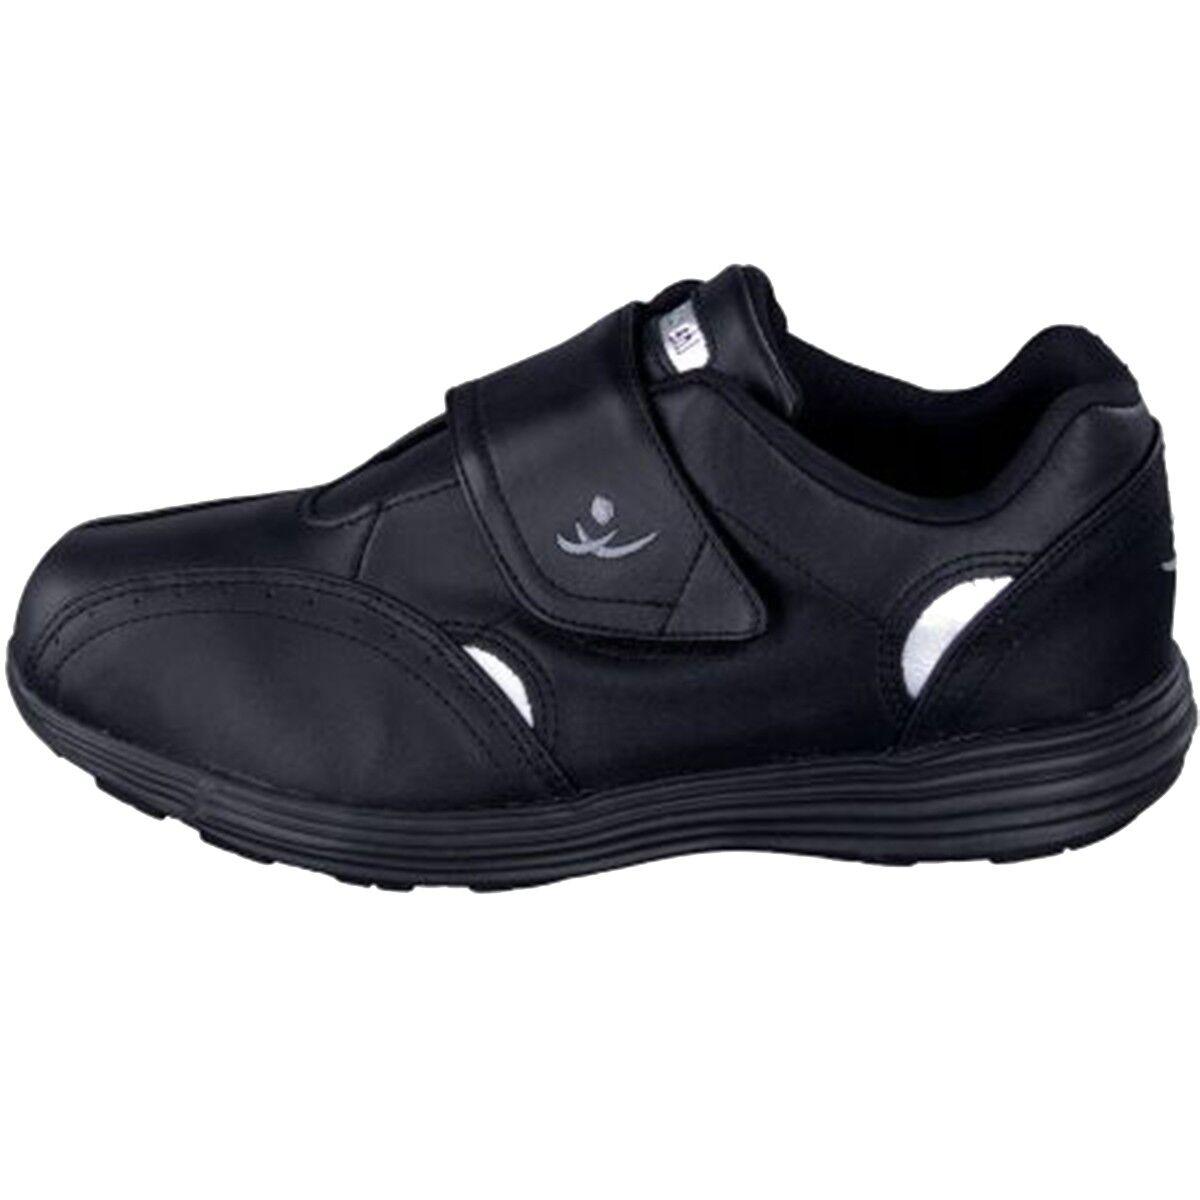 Chung Shi Duxfree Monaco II Herren Schuhe Men Sneaker Fersenspornschuh 8800615